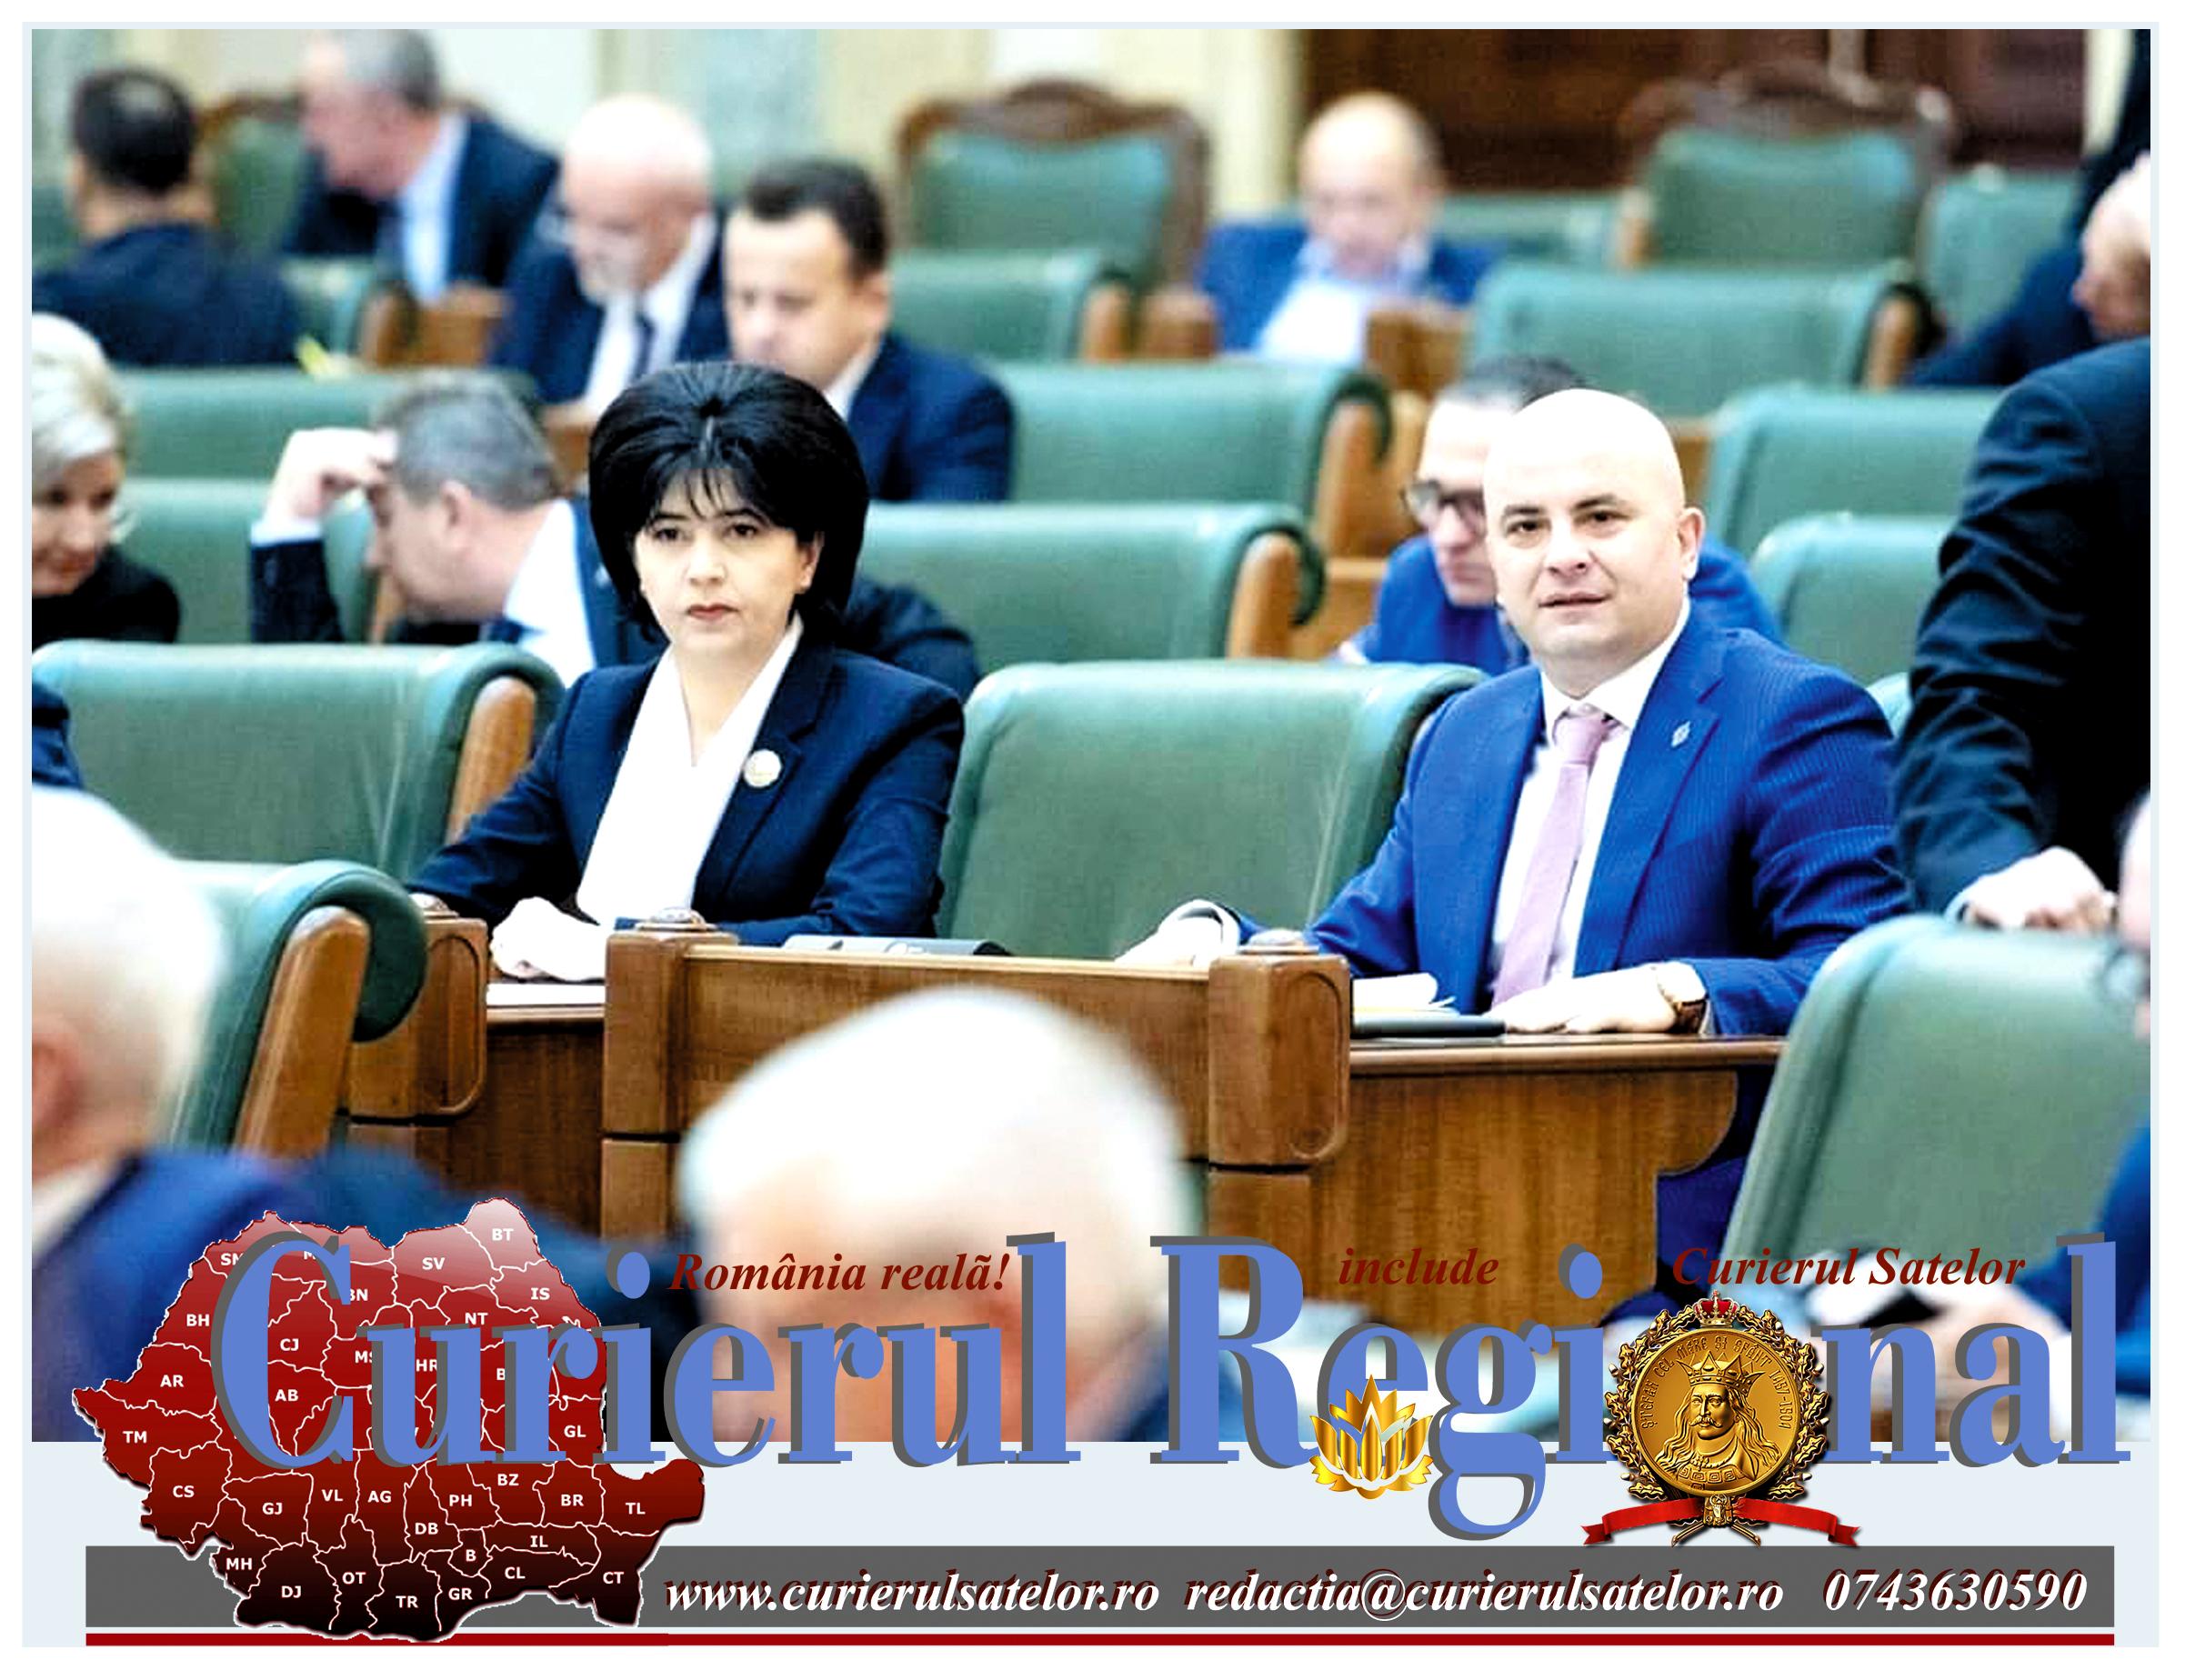 În timp ce Guvernul o lălăie pe la ghicitoare politice, PSD are grijă de țară. Lege pentru mame pe timpul crizei COVID 19 27